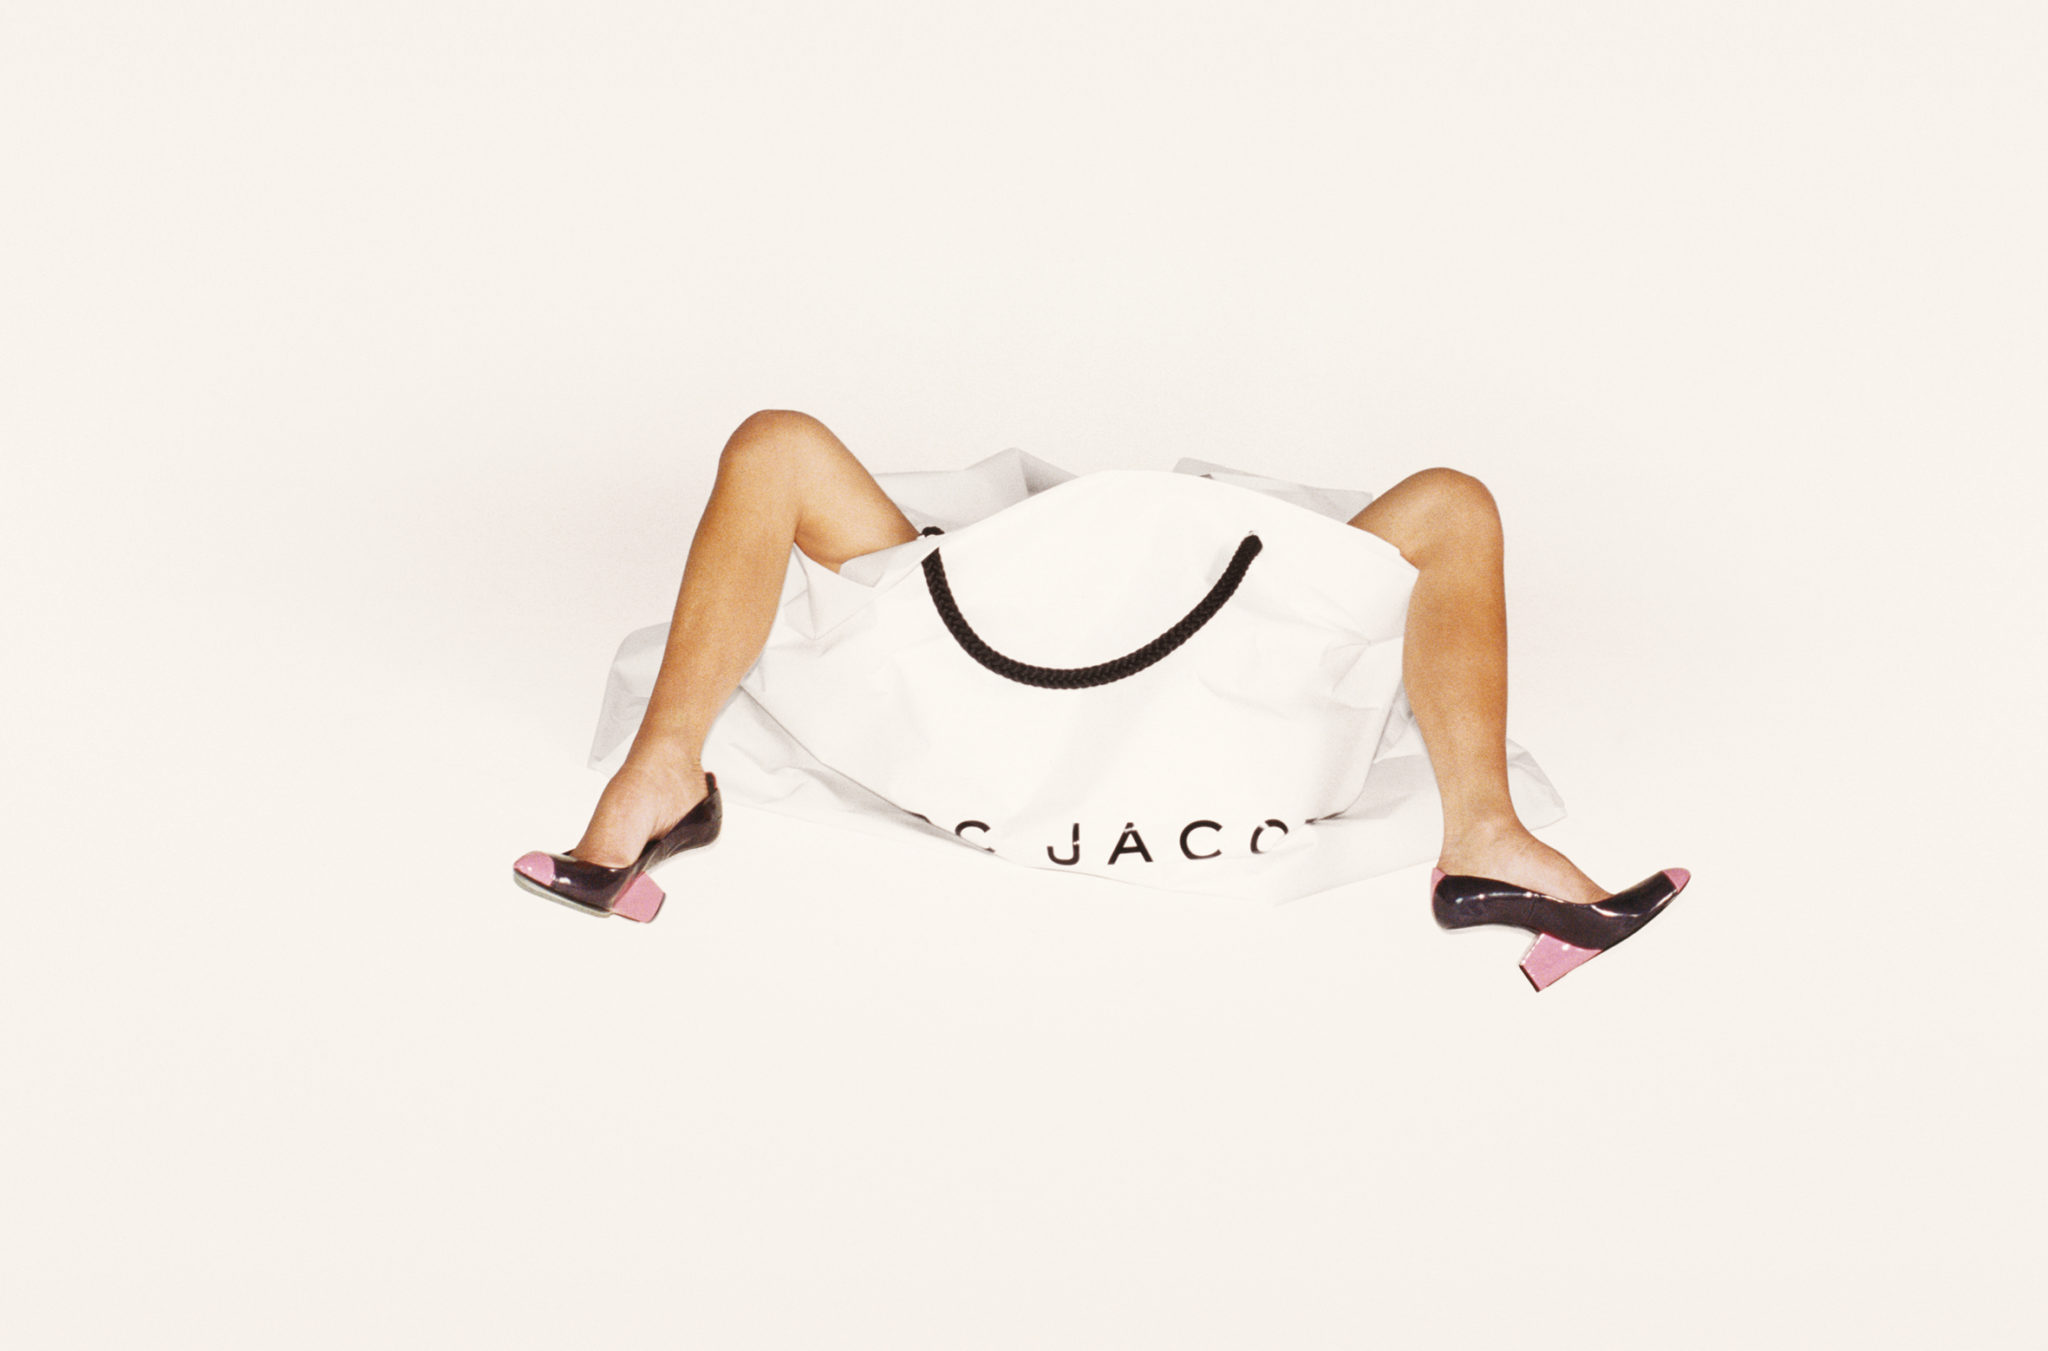 Fotografia utrzymana w jasnych, kremowych barwach. Na środku ustawiona jest biała, papierowa torba na zakupy z czarnymi uchwytami oraz czarnym napisem Marc Jacobs. Z torby wystają kobiece nogi ubrane jedynie w buty na obcasie.